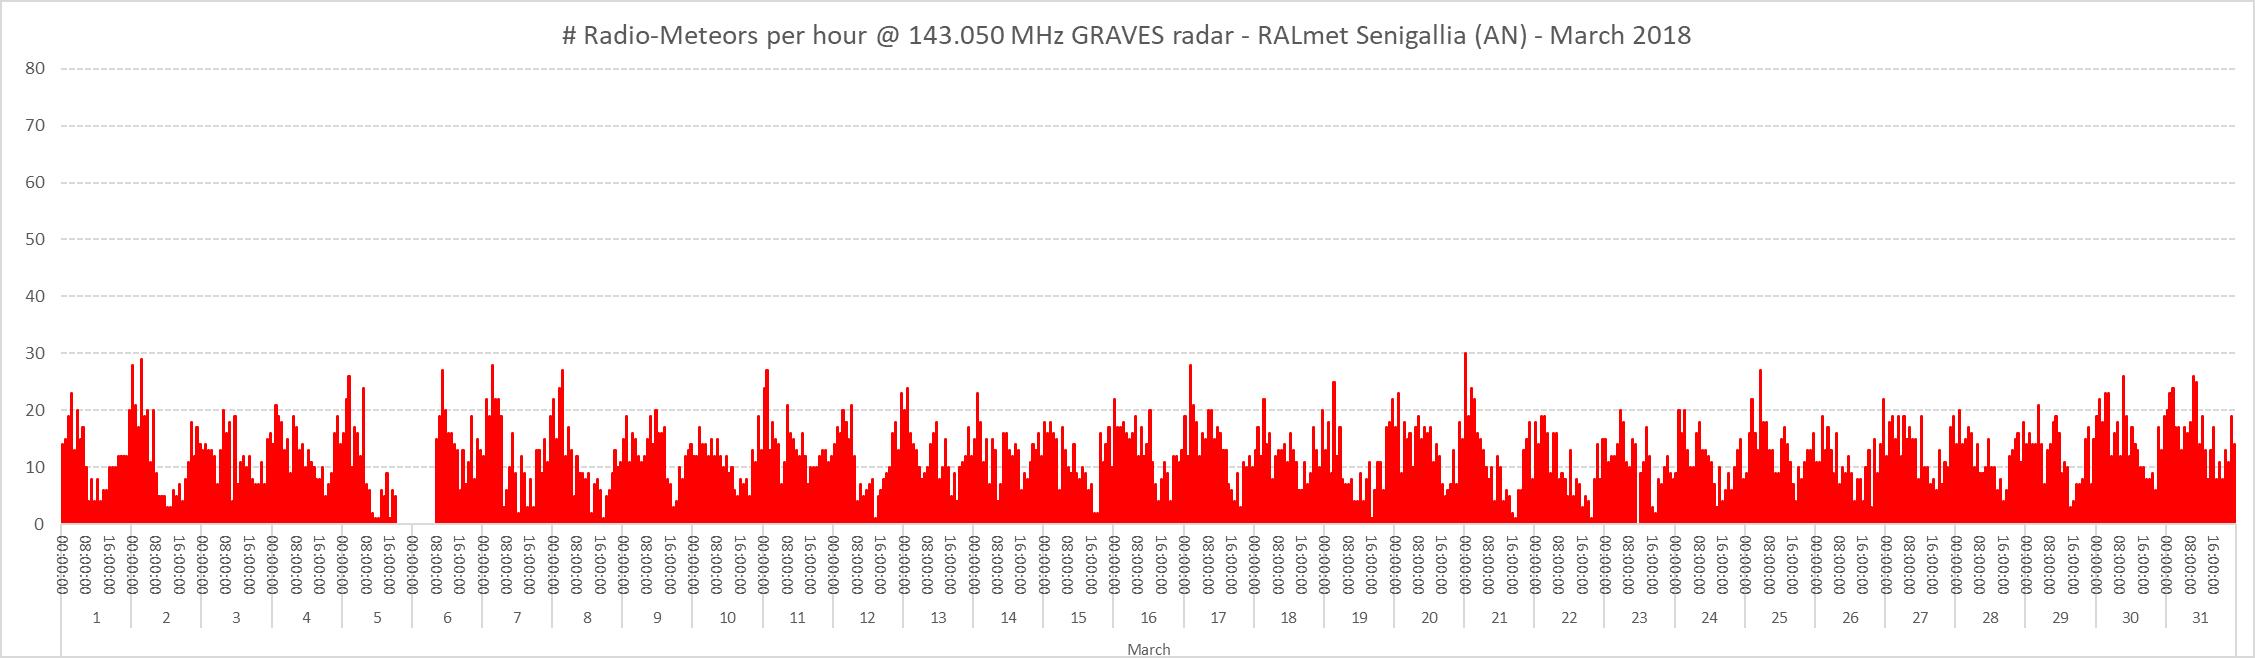 Conteggio del numero di radio-meteore per ora nel mese di Marzo 2018.